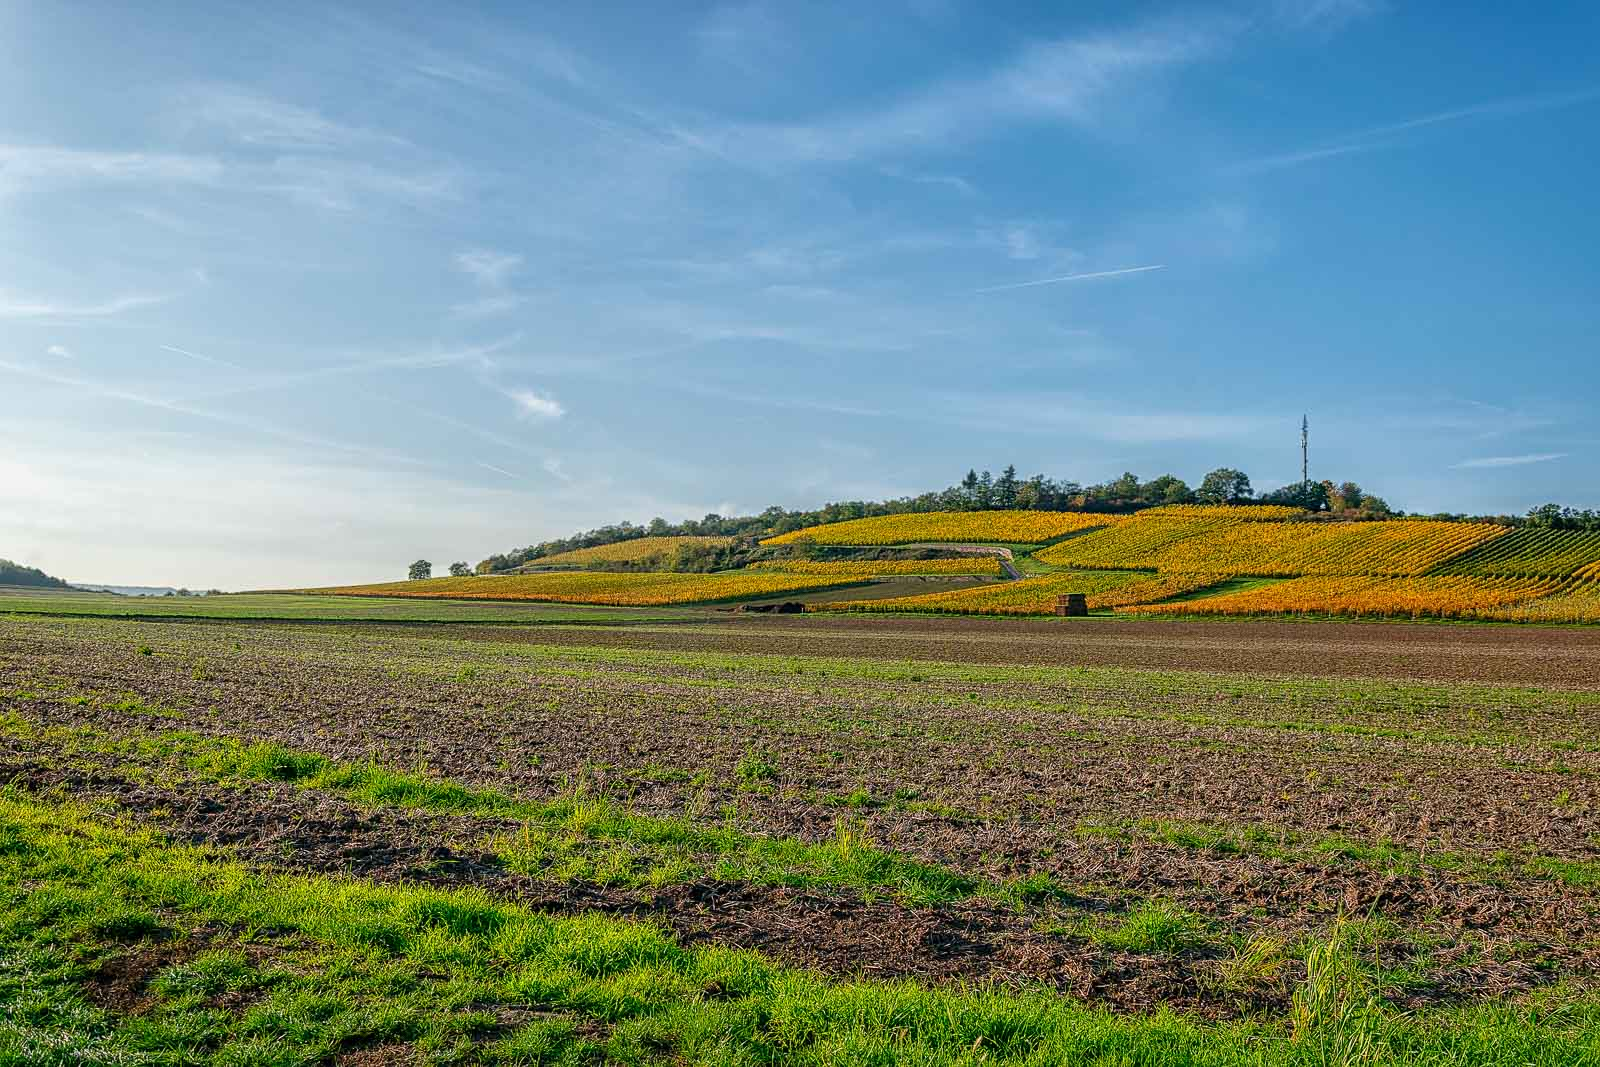 Feld vorne; bunter Weinberg im Herbst dahinter; blauer Himmel oben